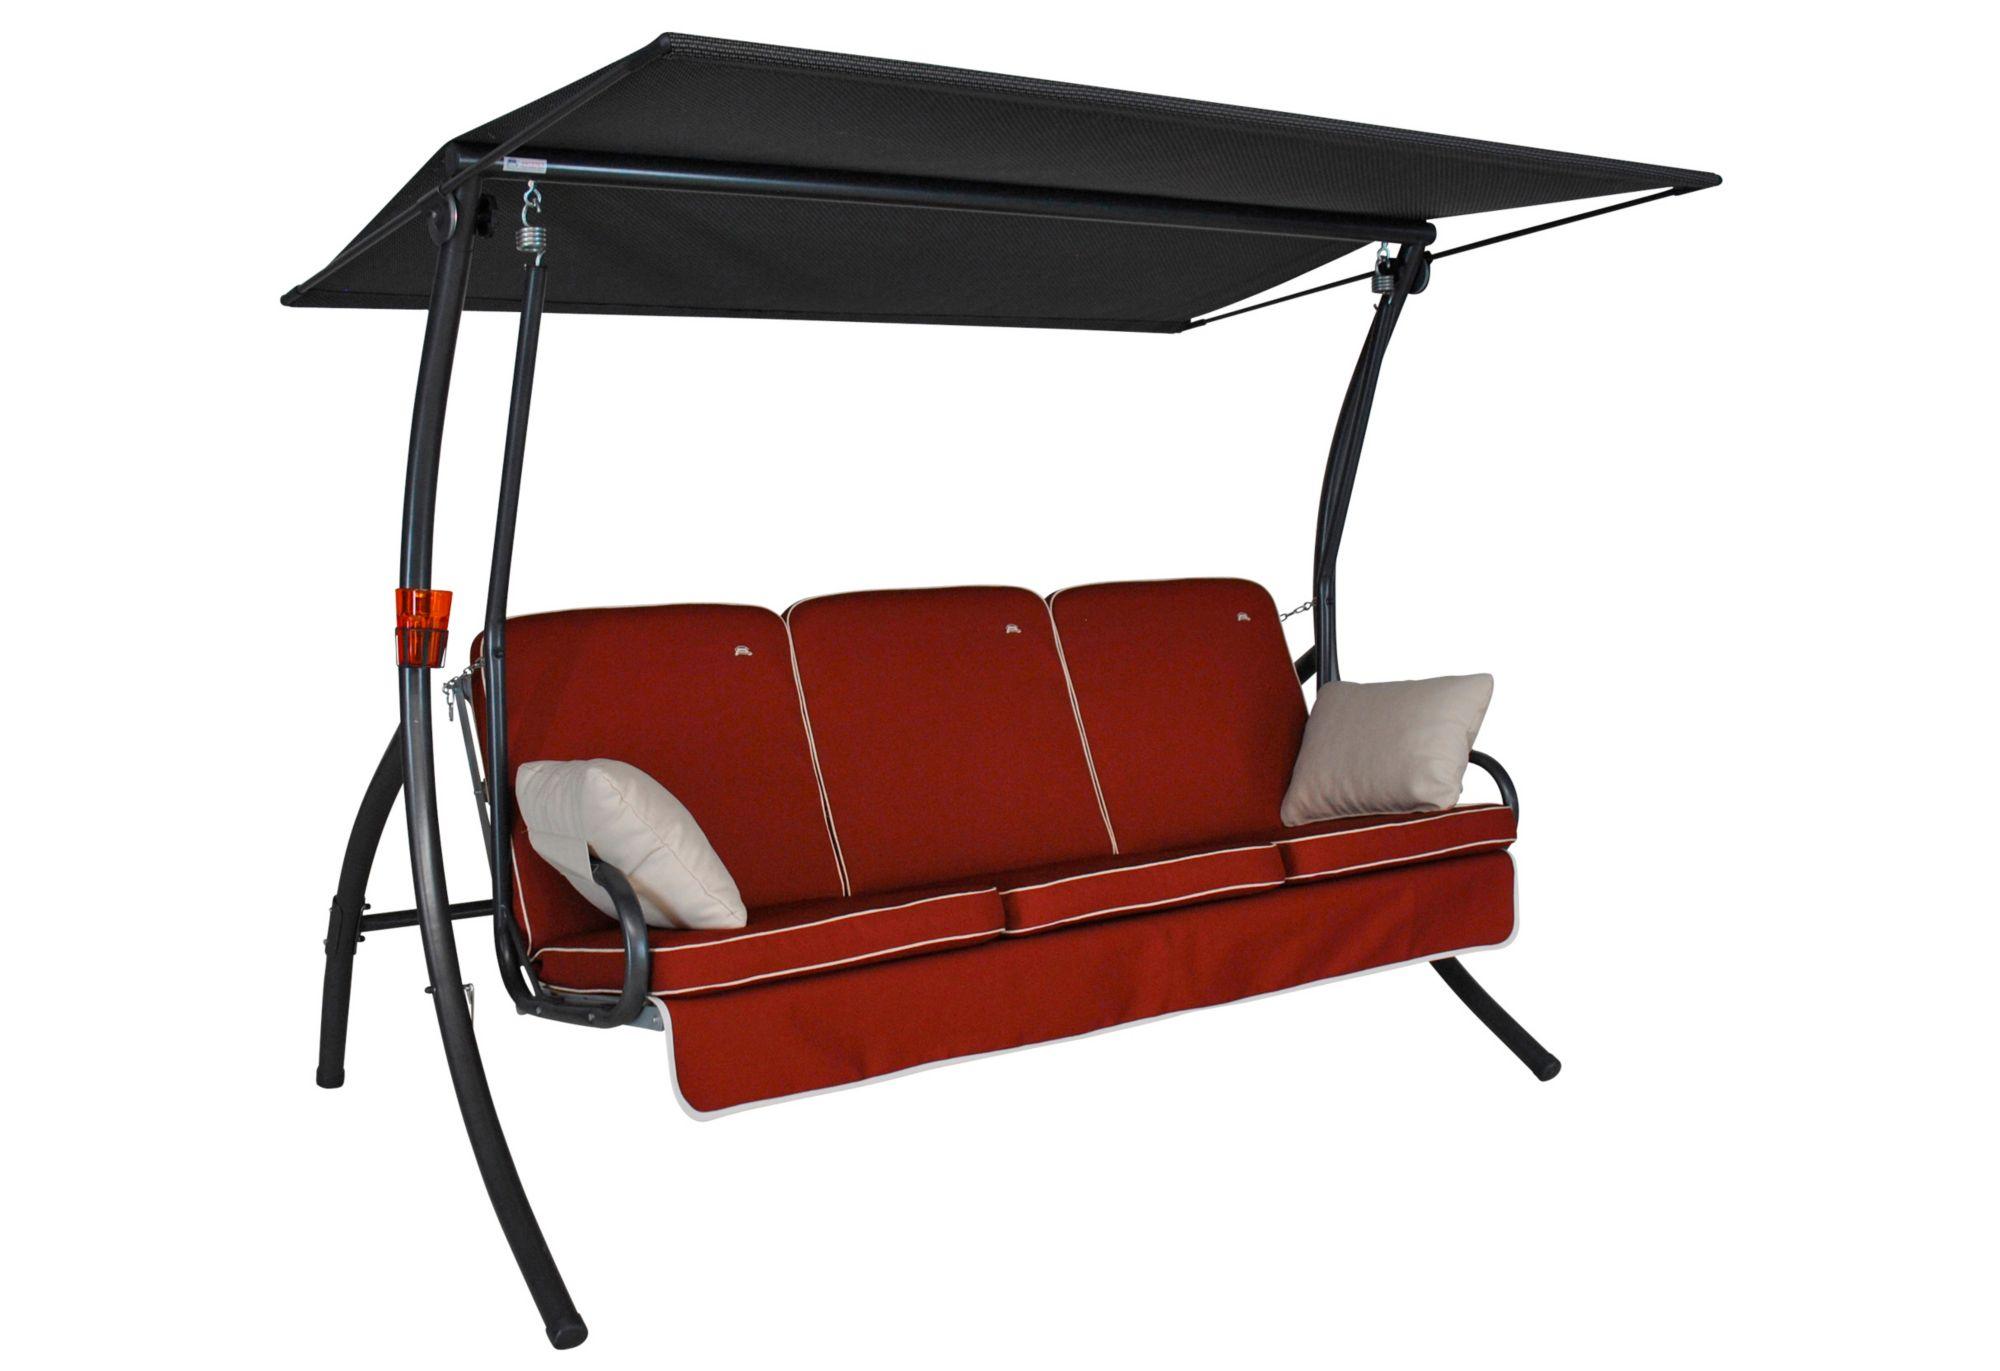 ANGERER FREIZEITMÖBEL  Hollywoodschaukel »Primero Style«, 3-Sitzer, orange